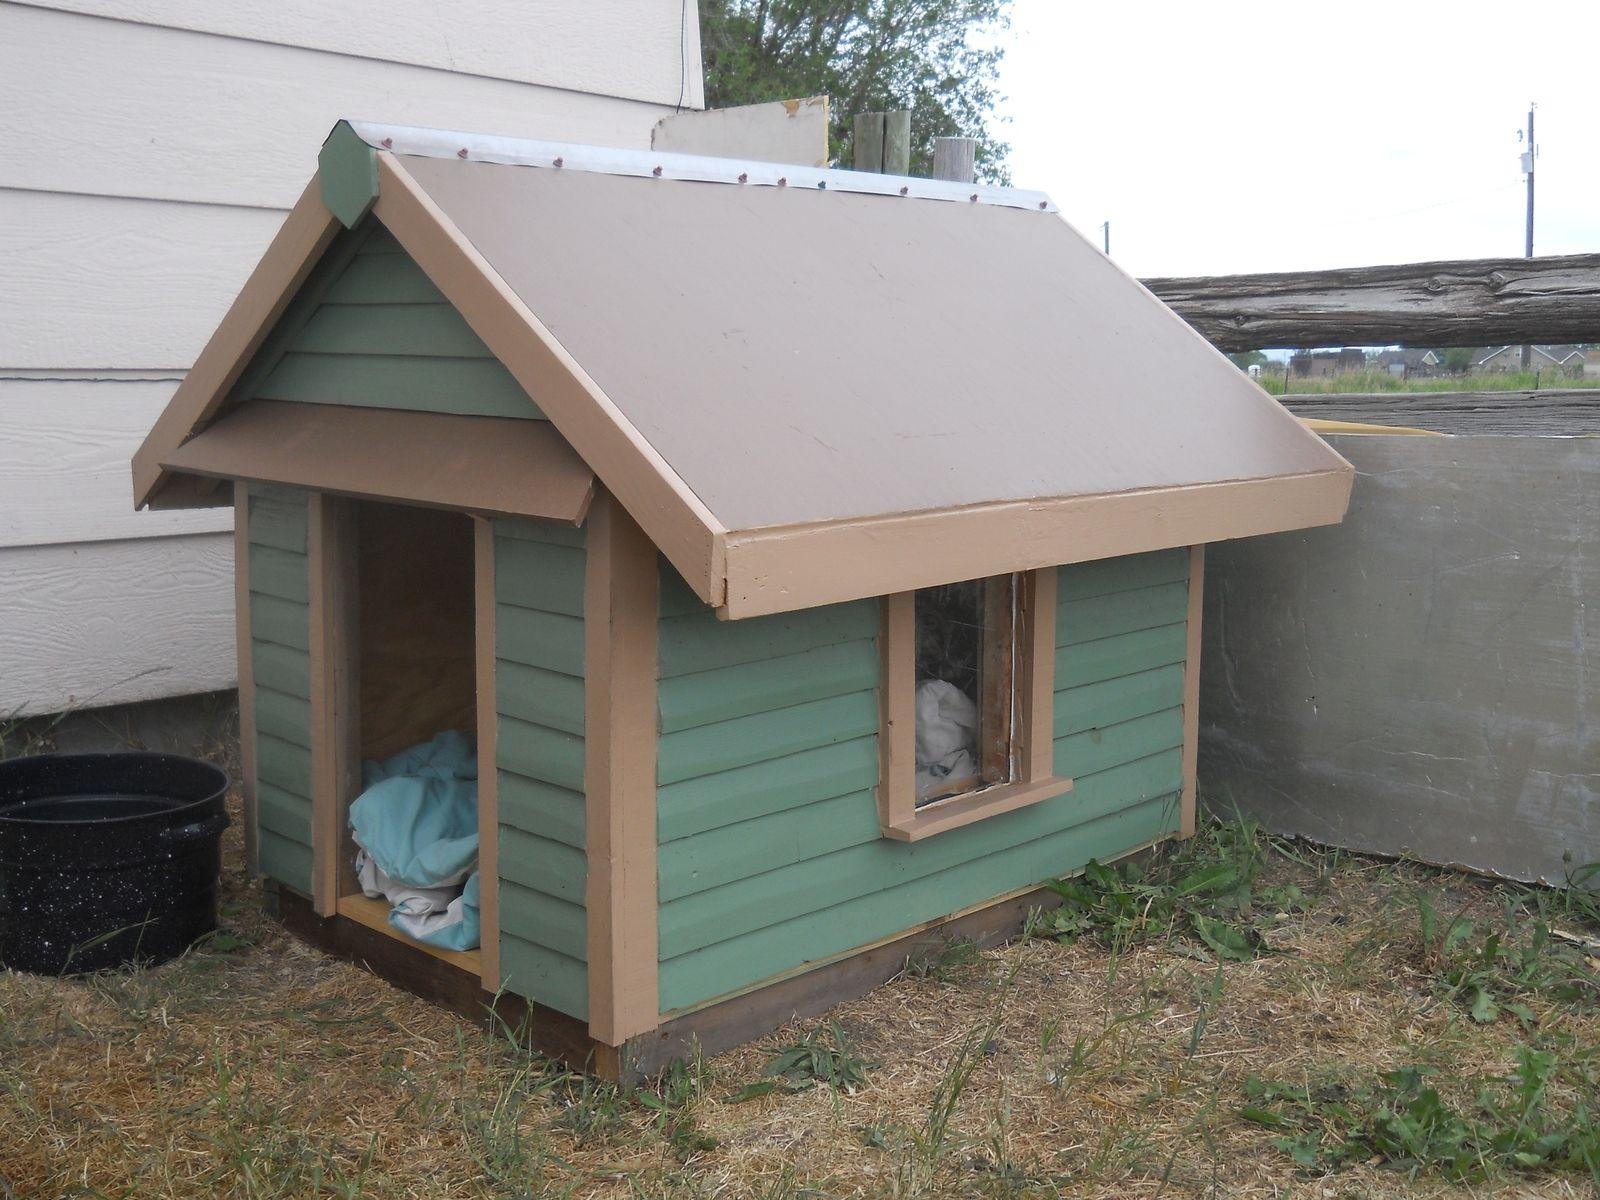 Malerisch Hundehütte Aus Paletten Galerie Von Dog E With Reclaimed Pallet Wood